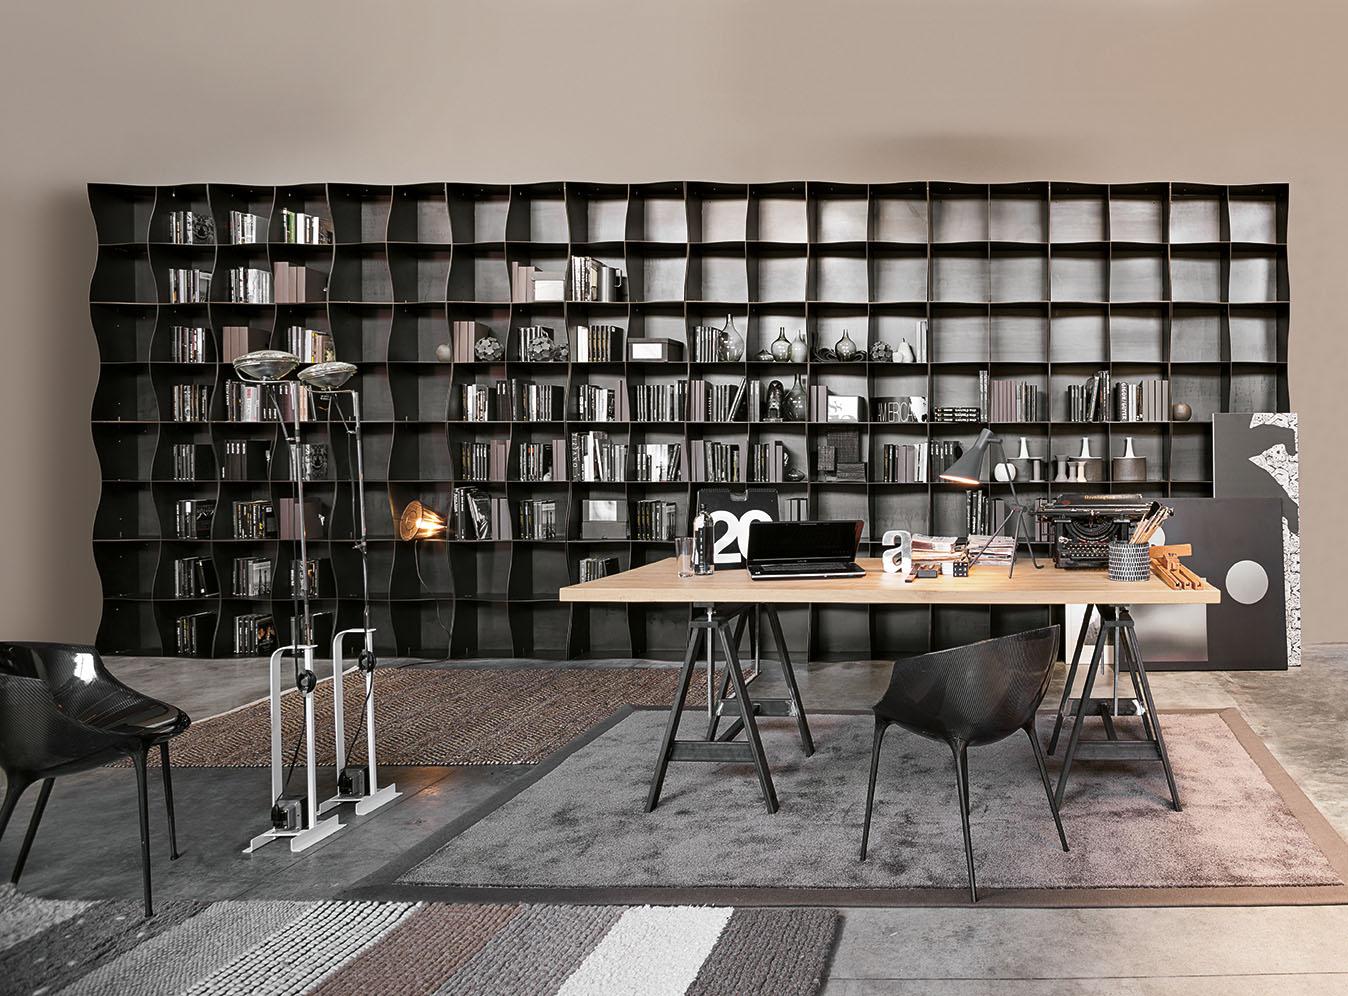 Boekenkast met organische vormen inspiraties for Interior design italiani